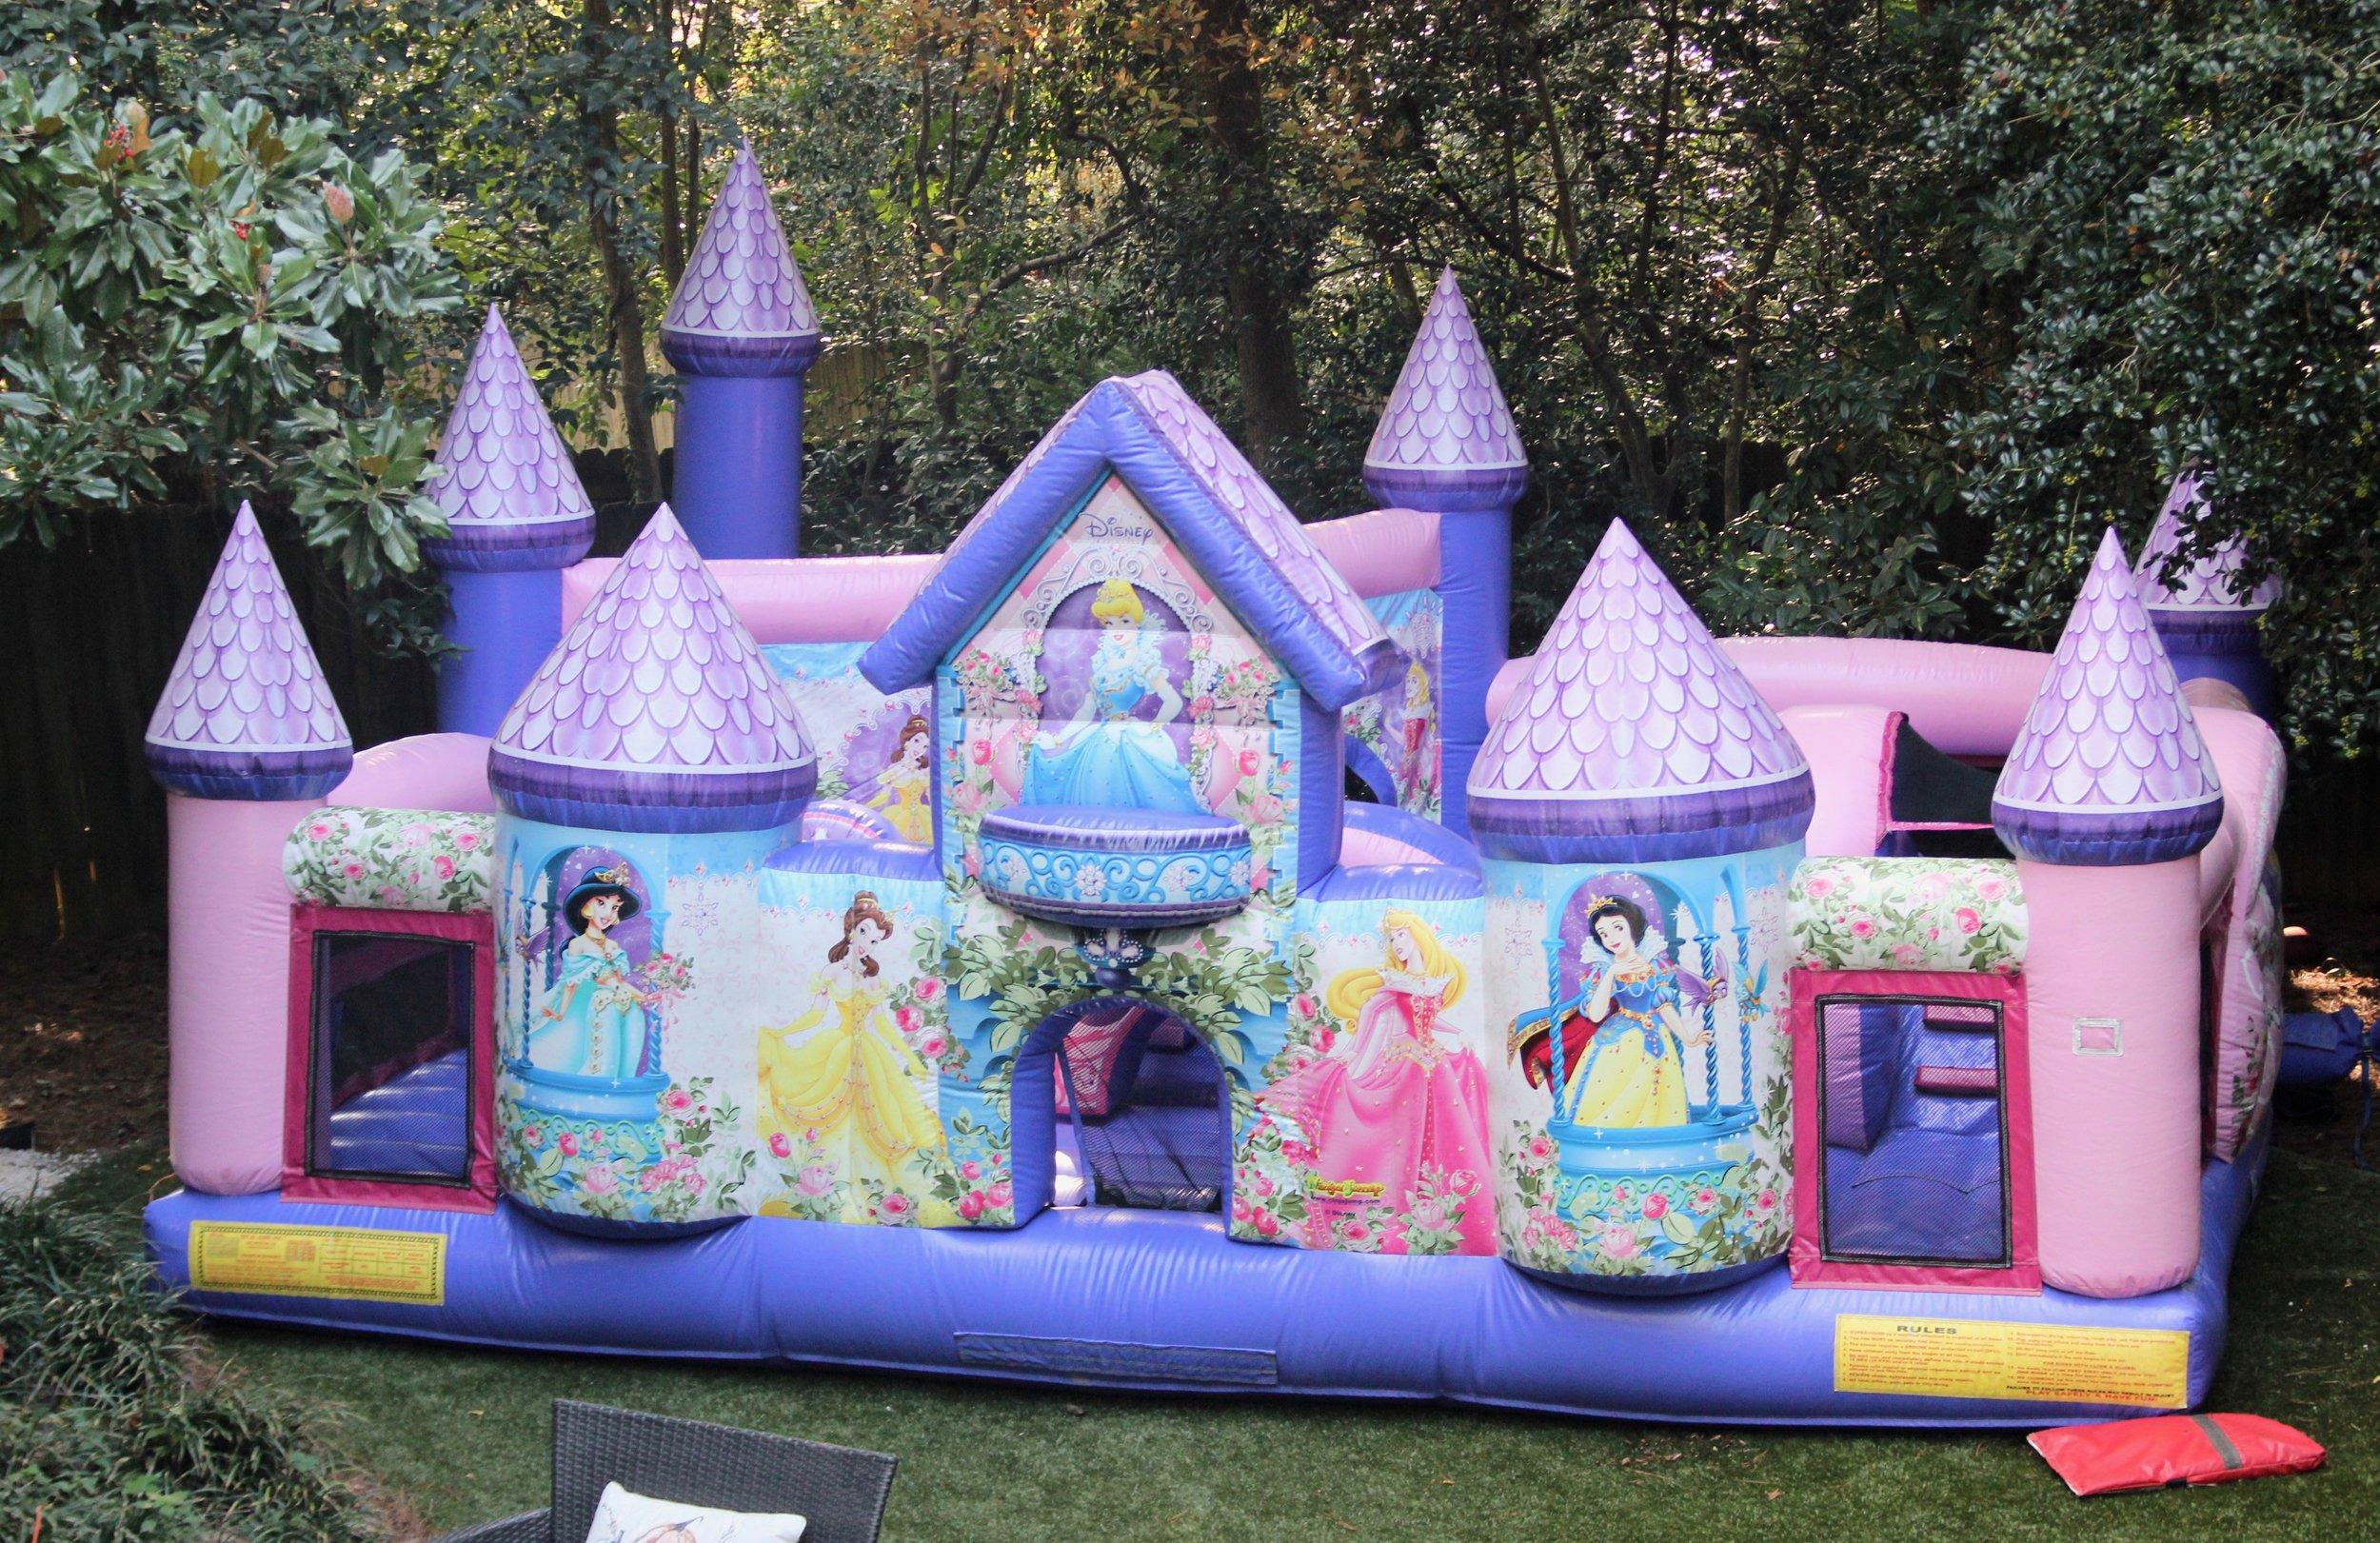 Disney Princess Palace Playground